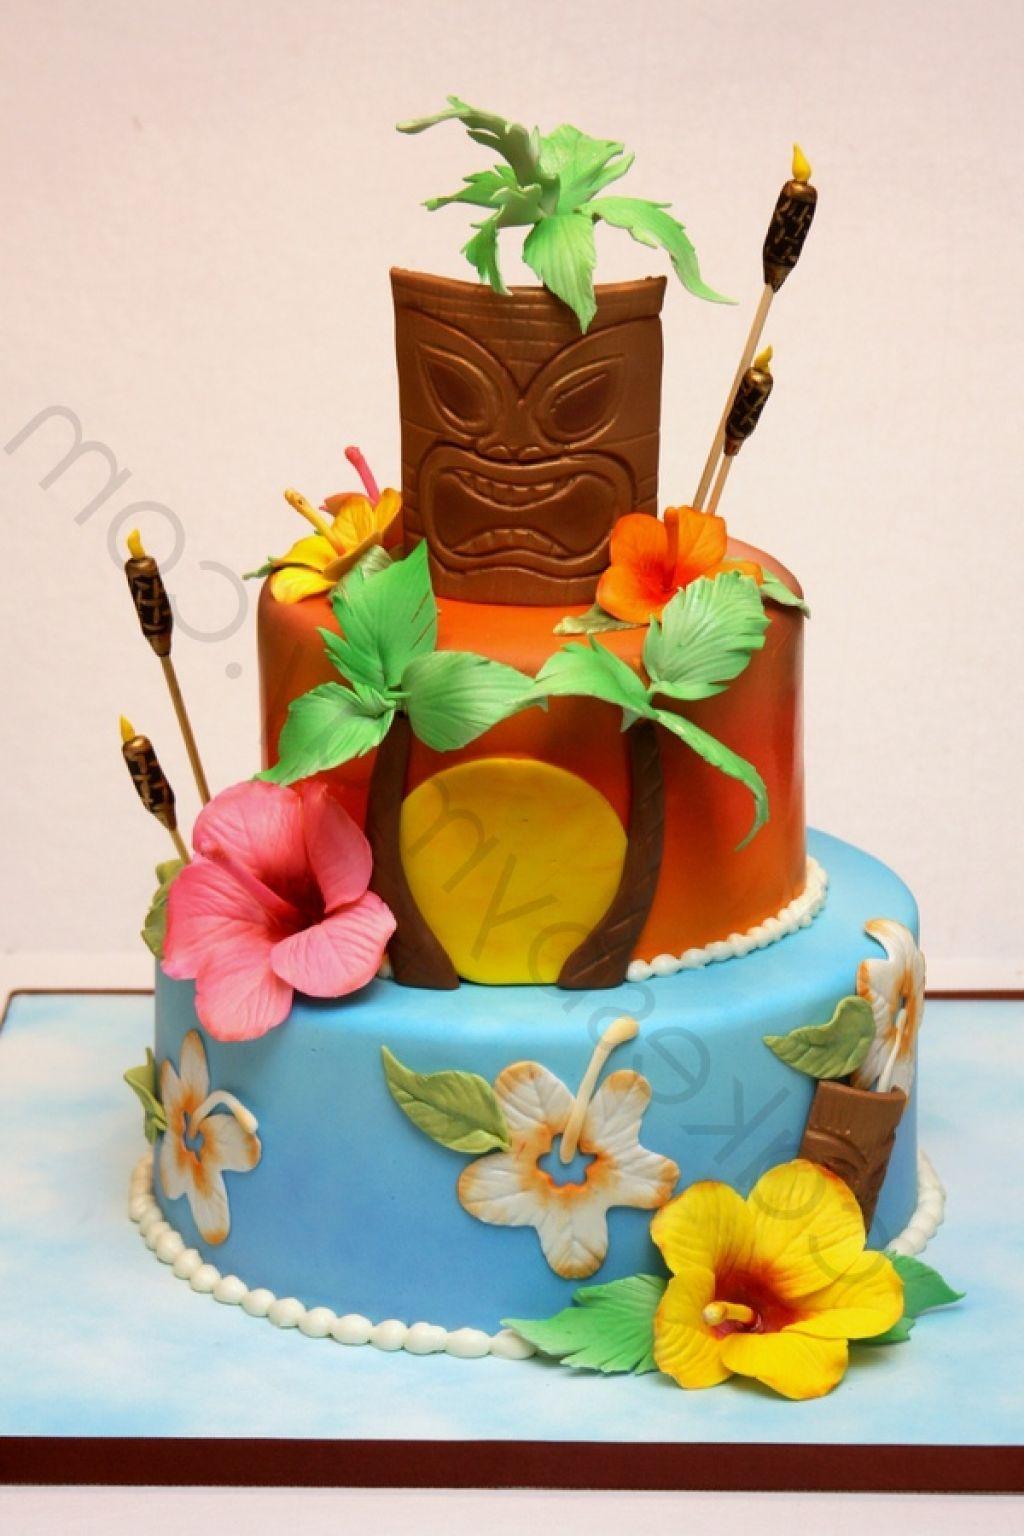 Hawaiian Themed Birthday Cakes For Kids Cake Design And Cookies Luau Cakes Luau Birthday Party Birthday Cake Kids